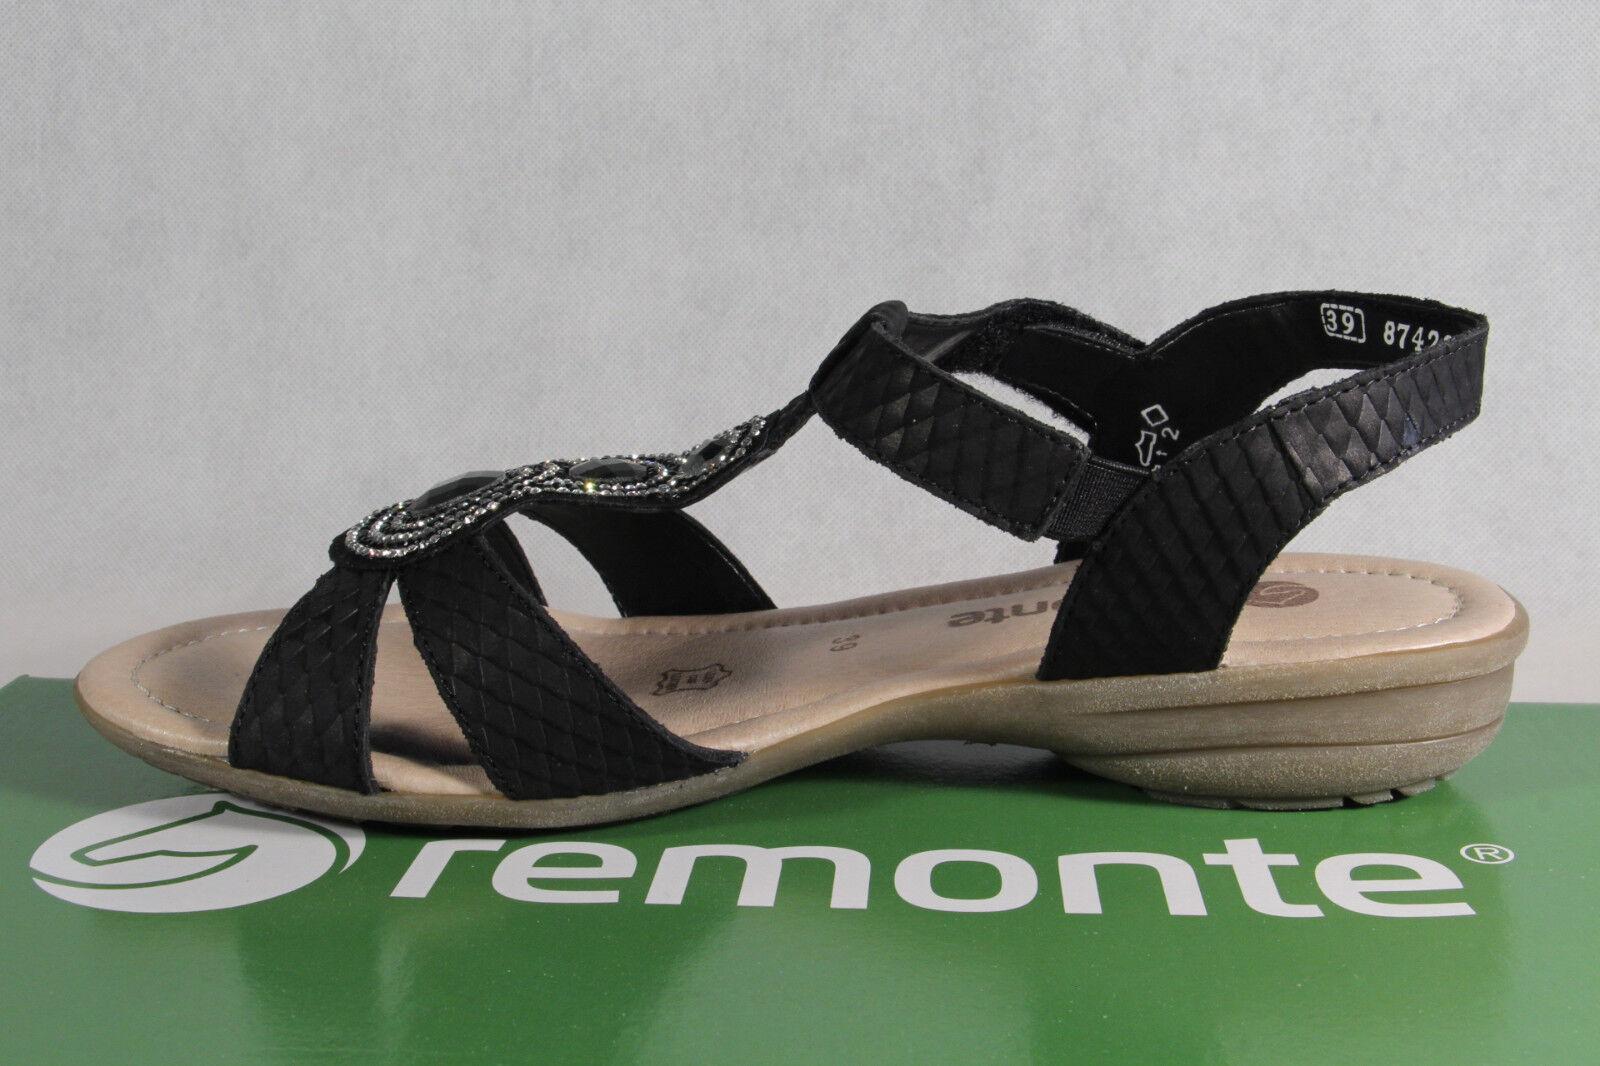 Remonte schwarz Sandale Sandaletten schwarz Remonte Lederfußbett ... ... ... df5dff